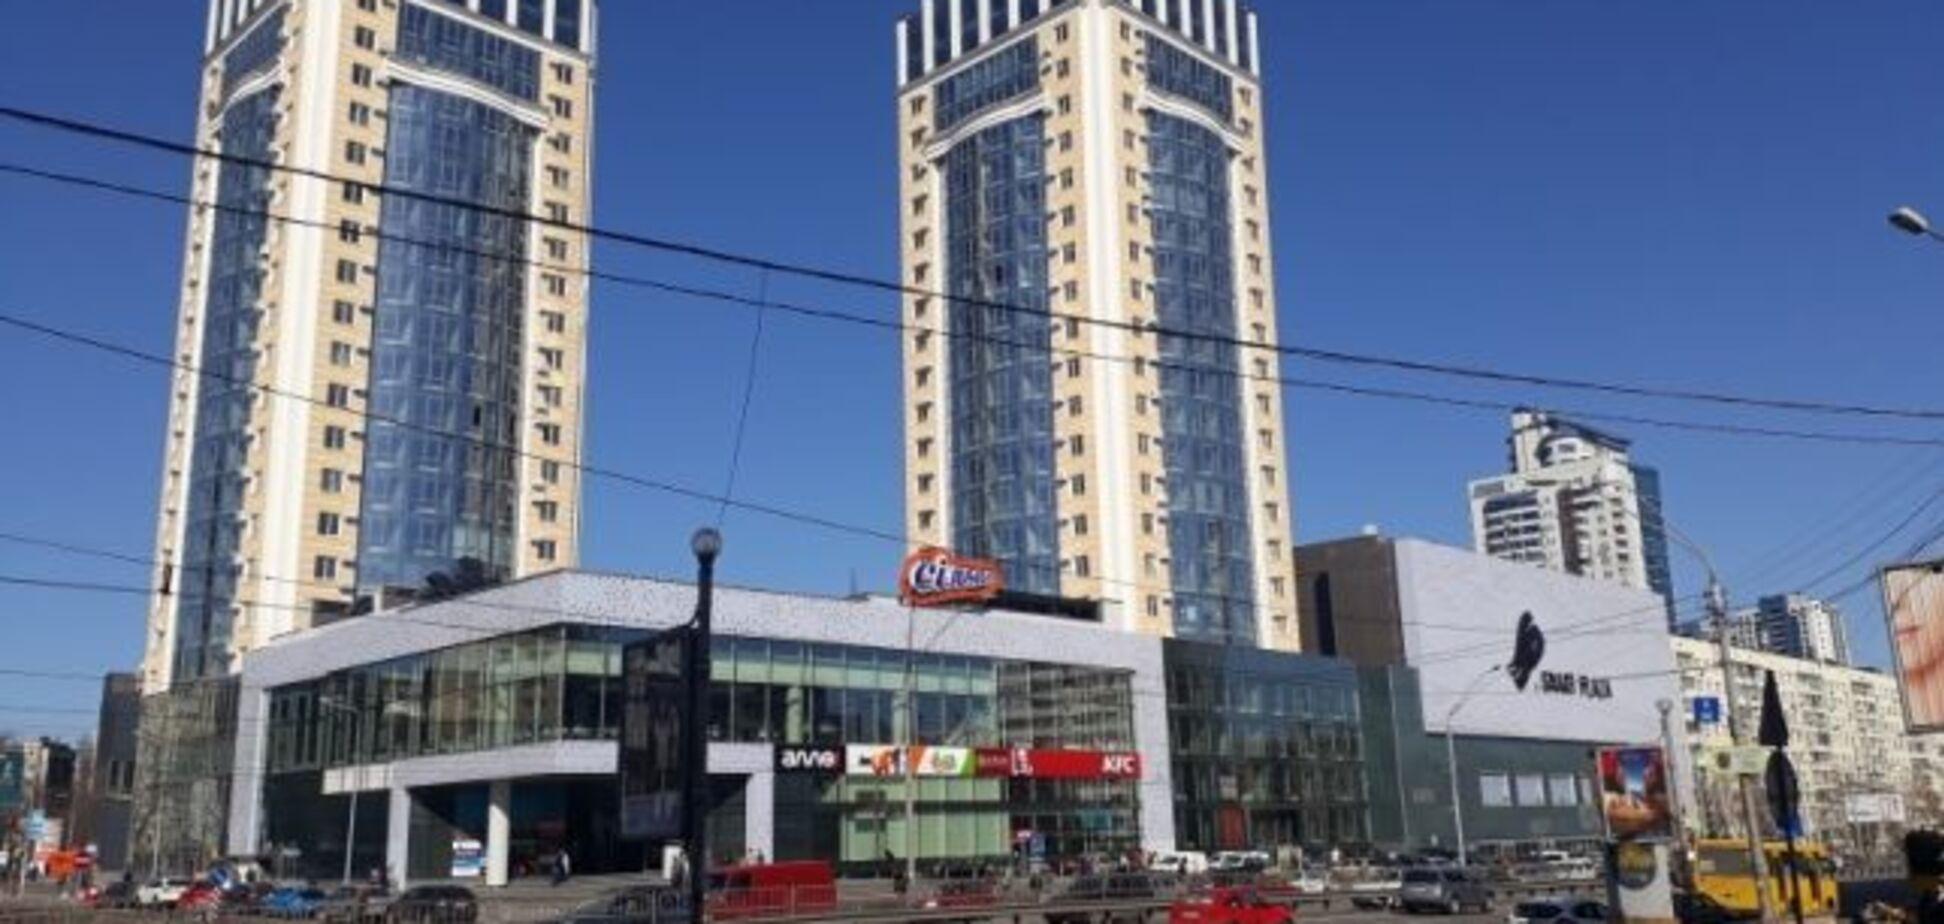 В Киеве в ТРЦ обнаружили разлагающийся труп мужчины: первые подробности